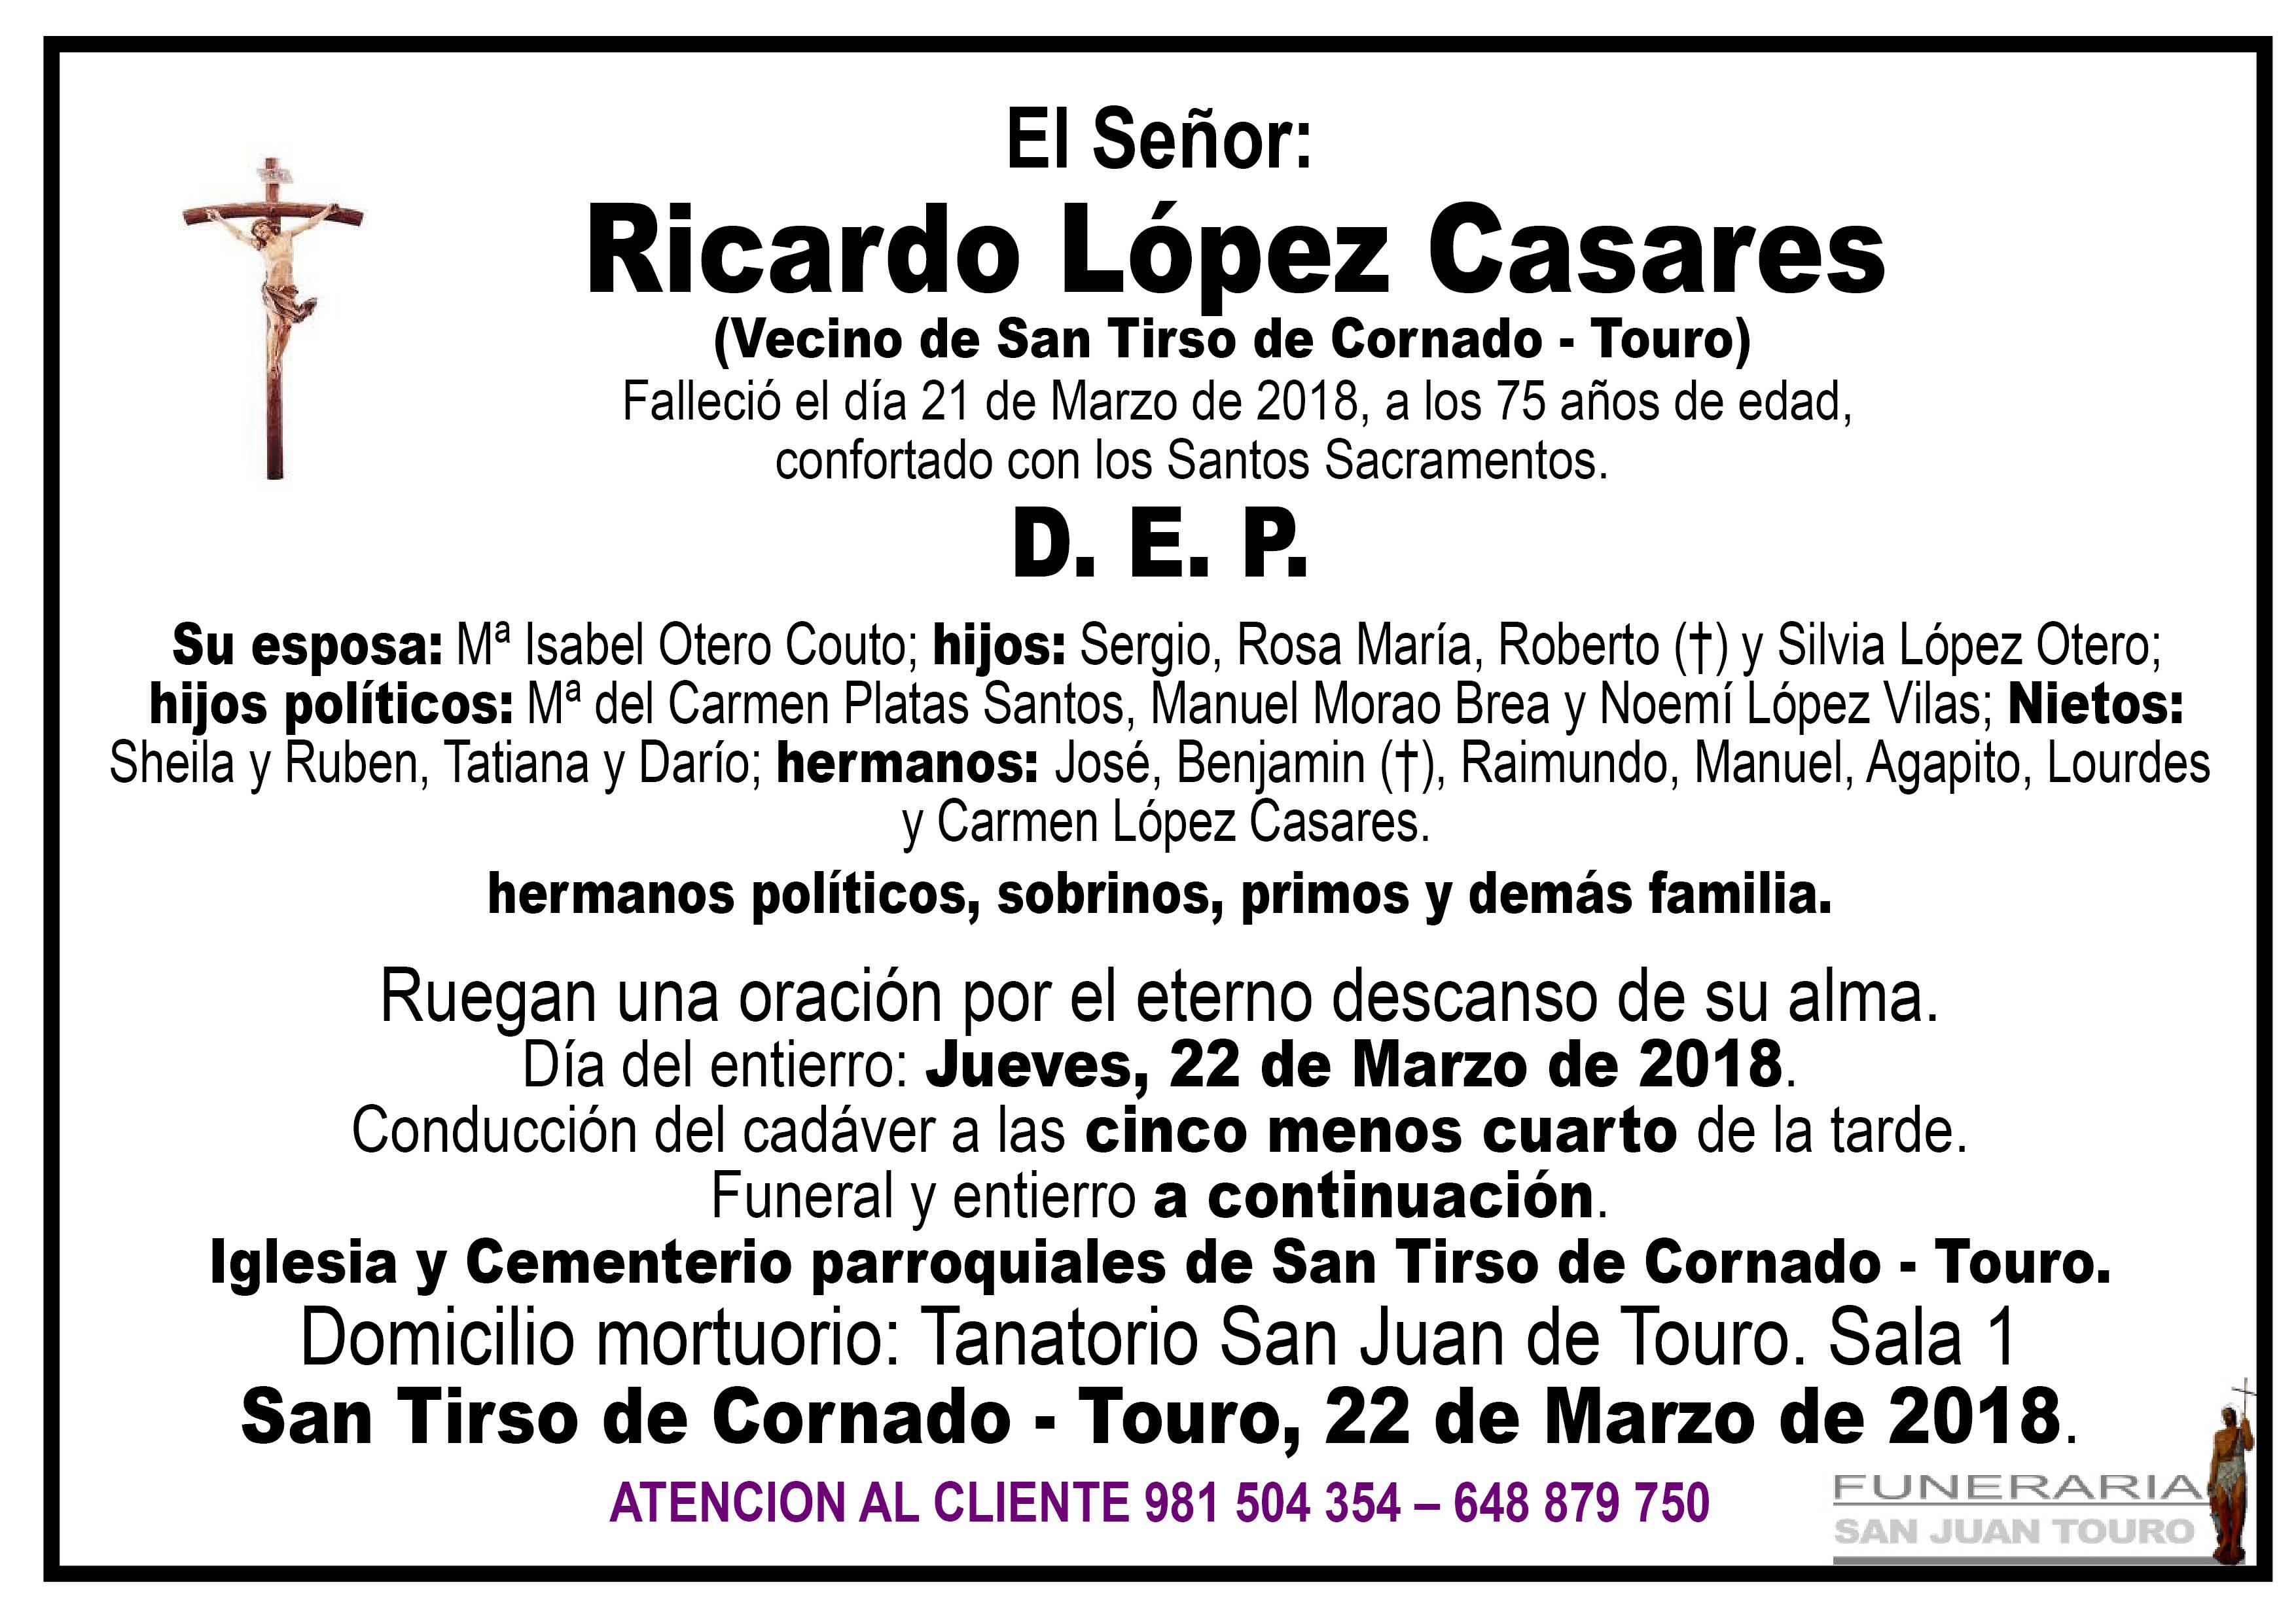 Esquela de SEPELIO DE DON RICARDO LÓPEZ CASARES